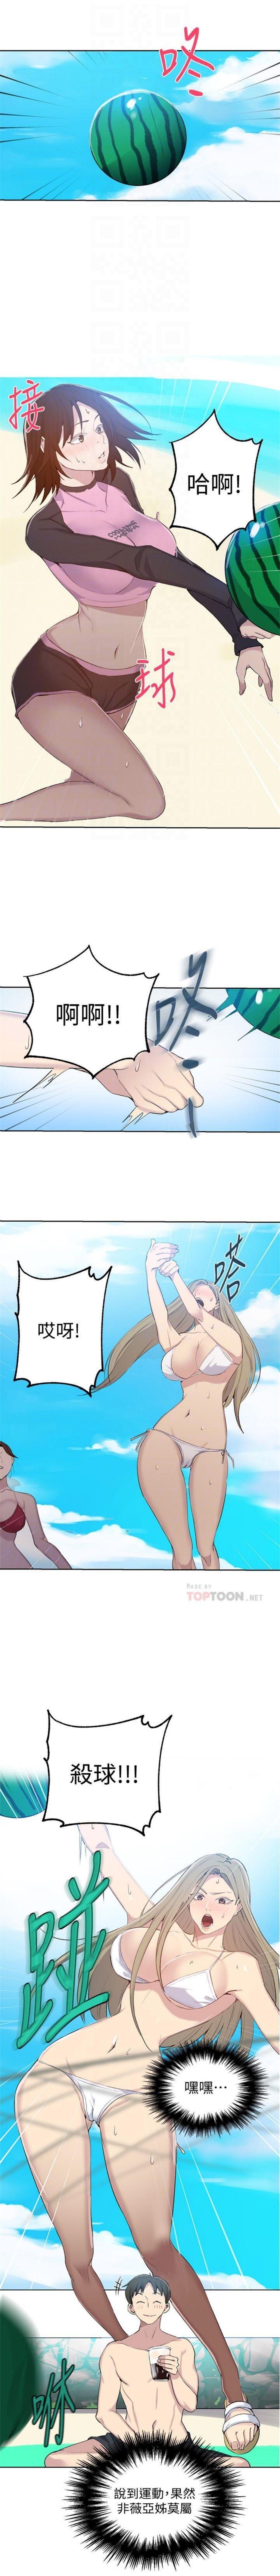 秘密教學  1-69 官方中文(連載中) 380